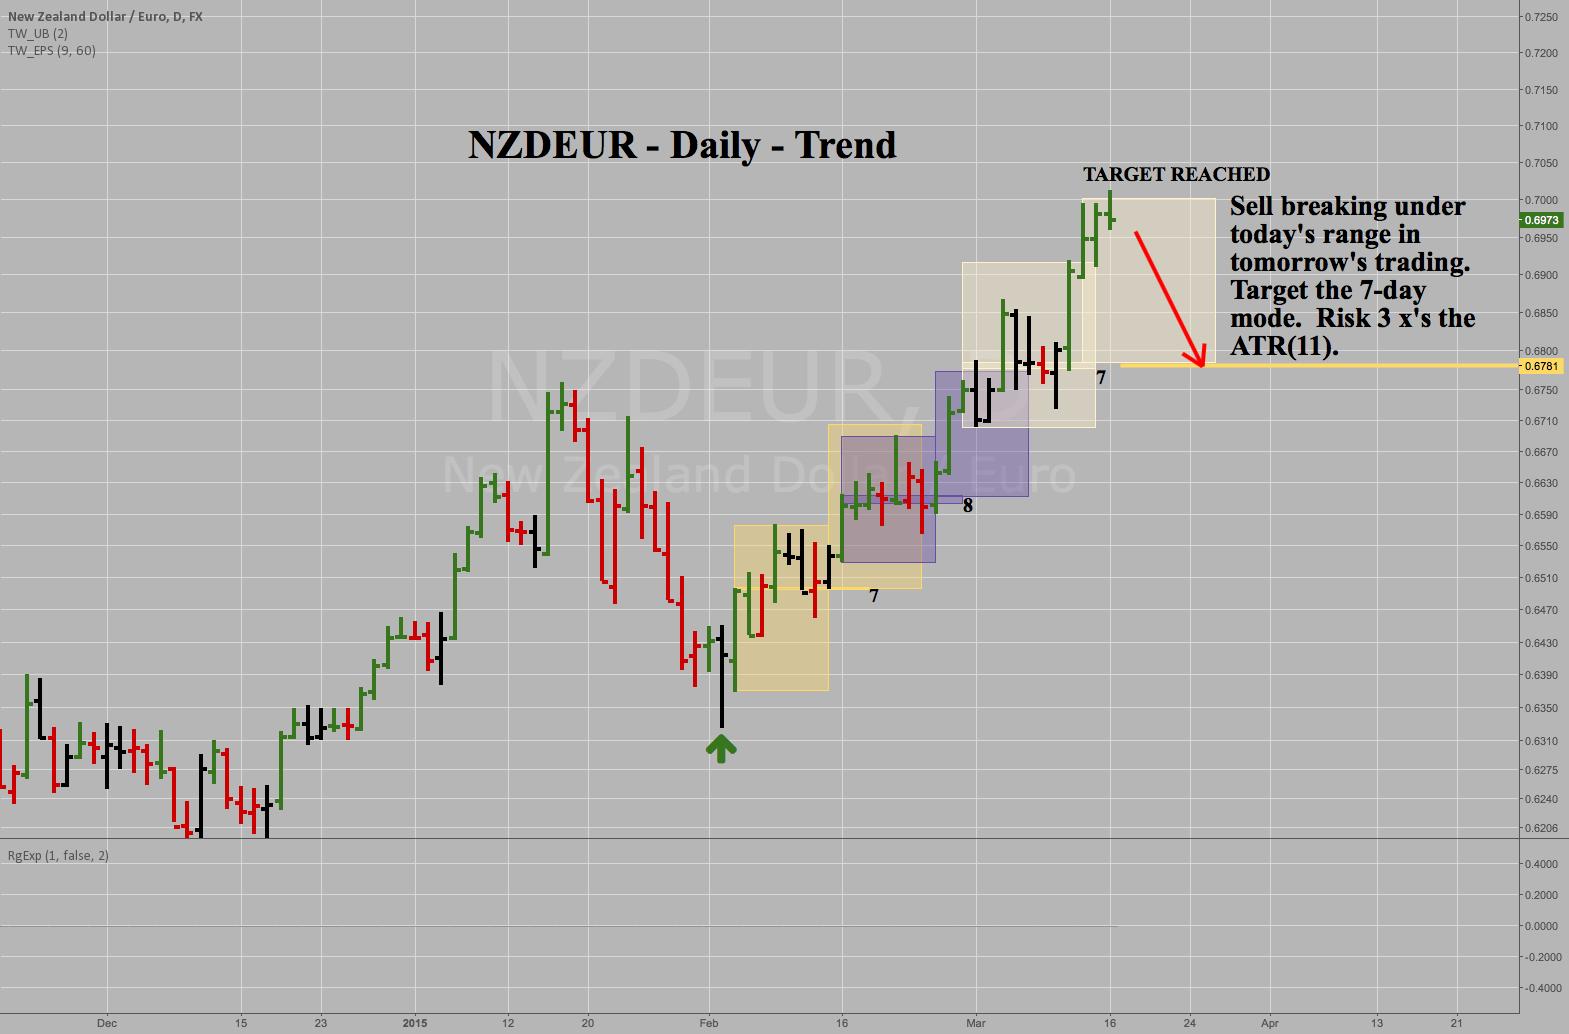 NZDEUR - Daily - Aggressive Short Sale